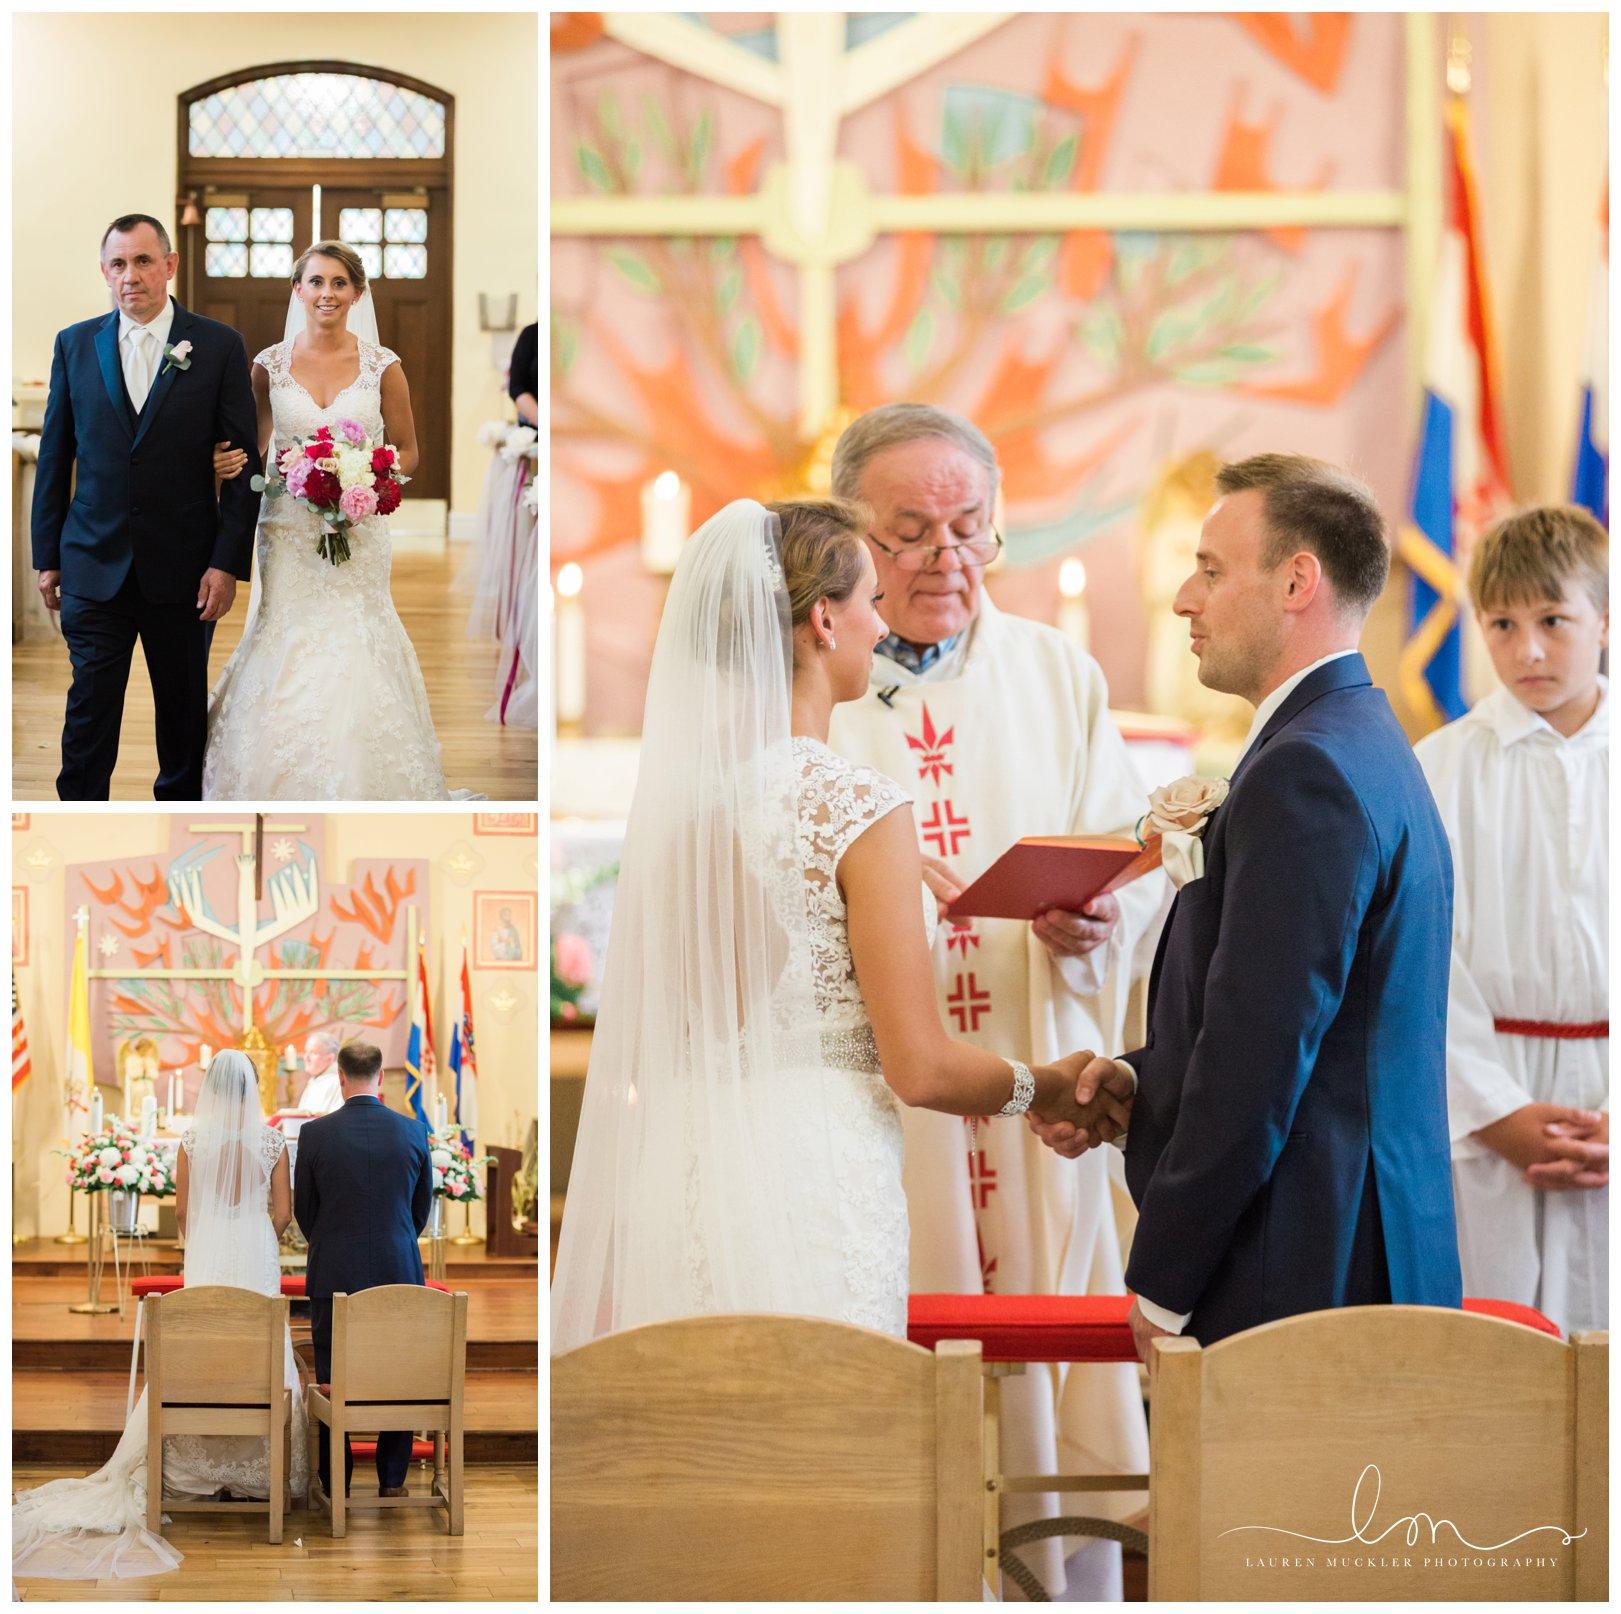 lauren muckler photography_fine art film wedding photography_st louis_photography_0488.jpg